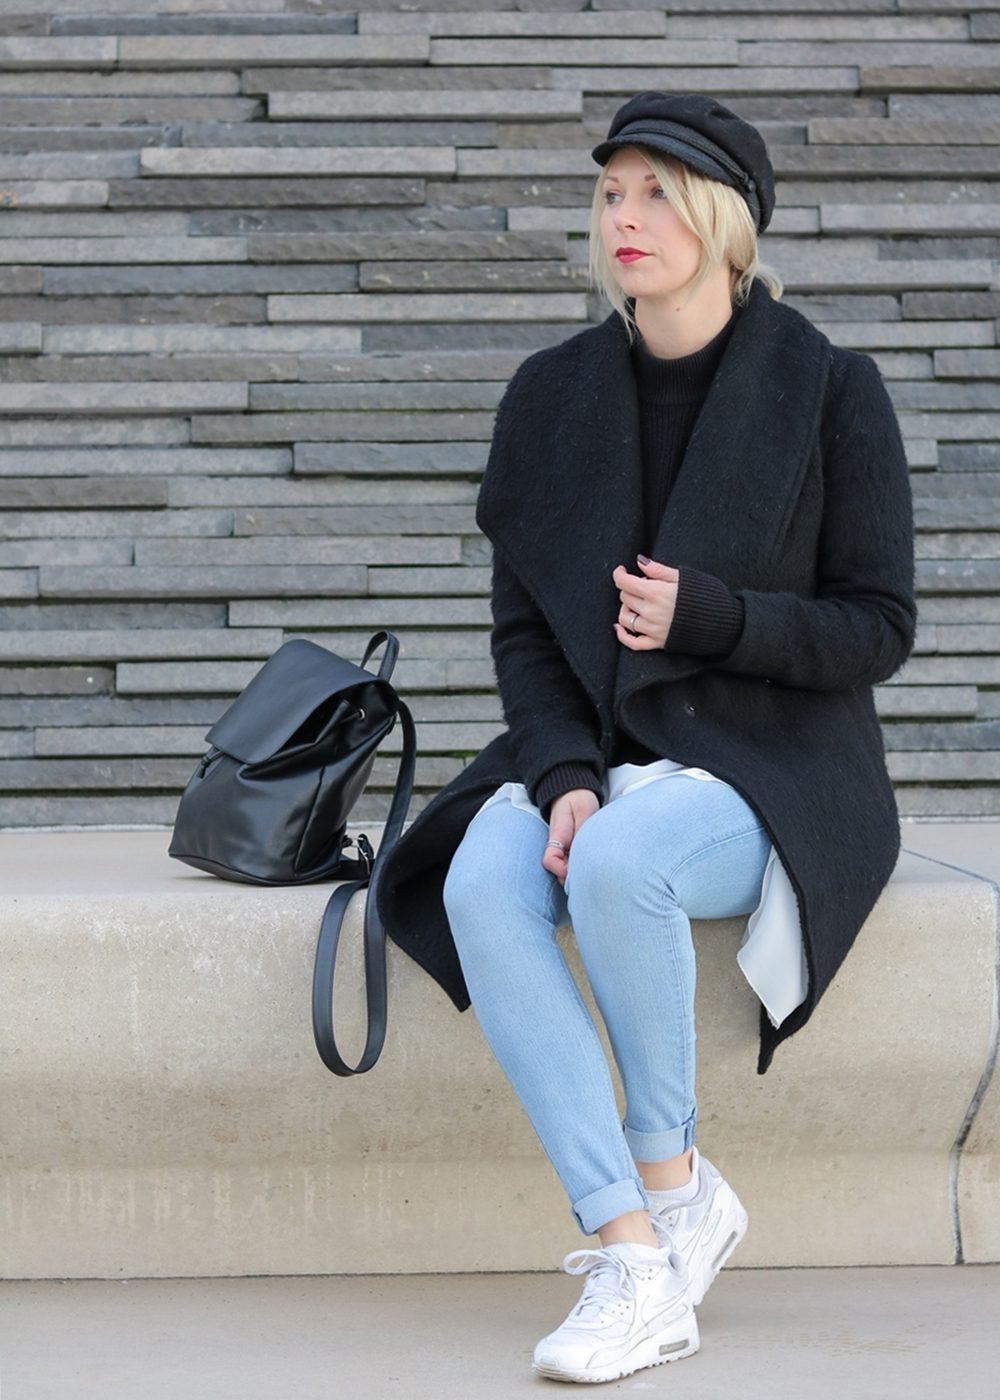 modeblogger-karlsruhe-outfit-herbst-kleid-vero-moda-rostrot-schwarzer-mantel-overknees-hut-5-von-29